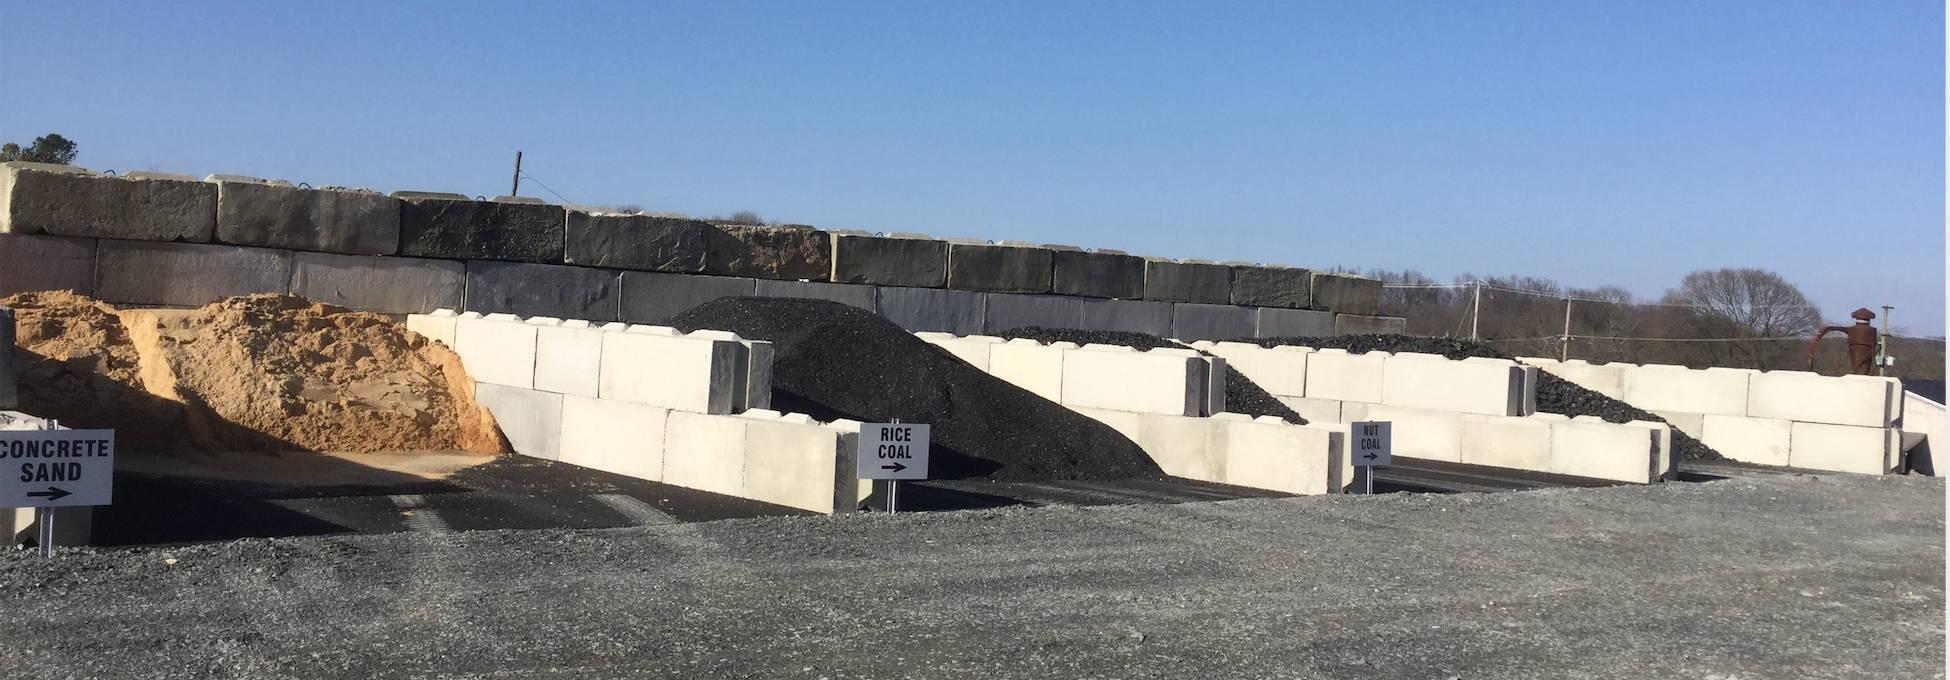 Bays of bulk material at the mill of bel air